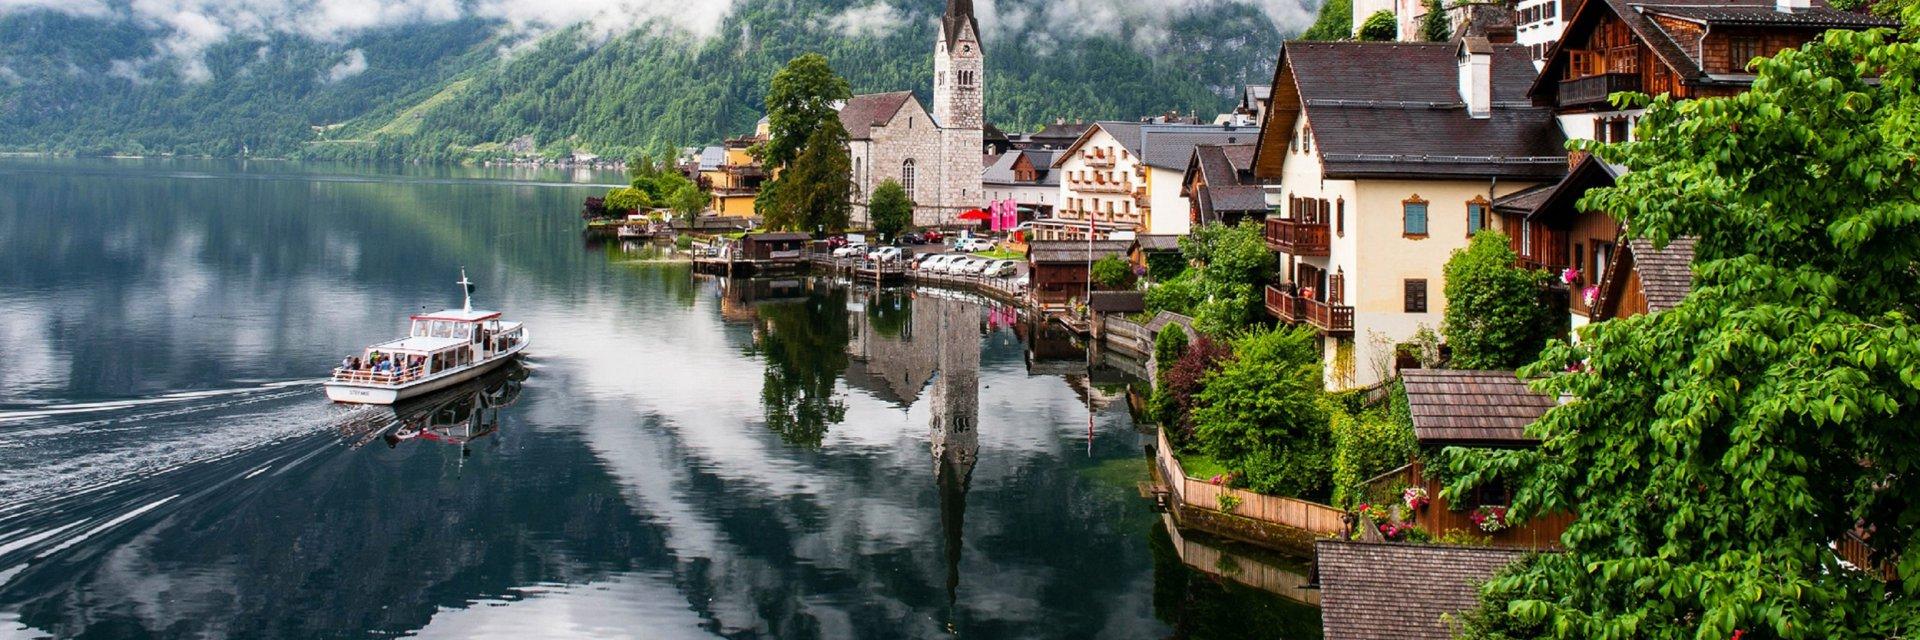 Seewirt Zauner 3* (Верхняя Австрия, Австрия) - цены, отзывы, фото, бронирование - ПАКС